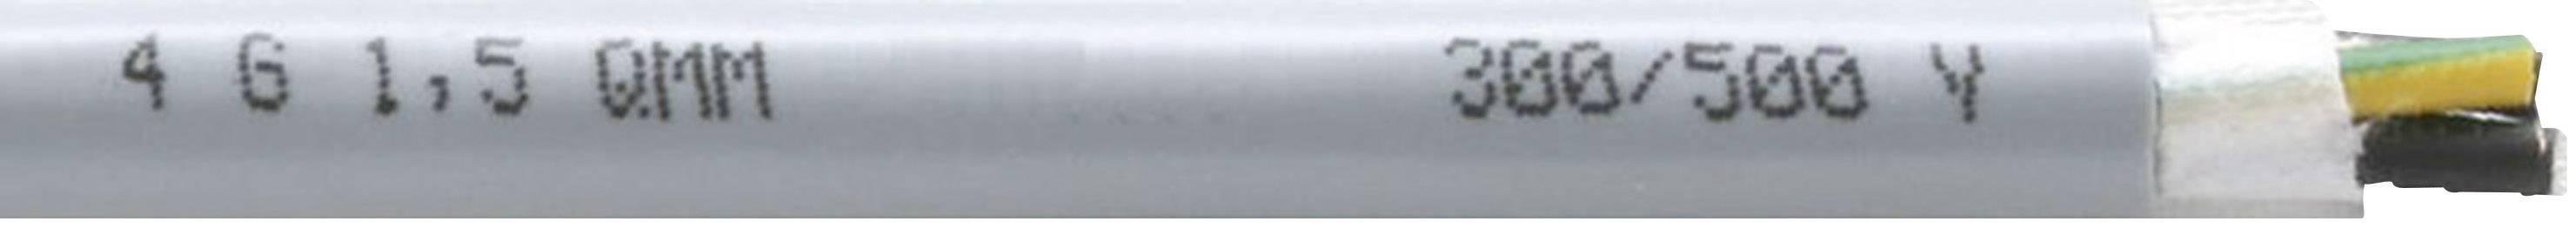 Tažný kabel Faber Kabel EFK 310 Y 310 UL/CSA-SCHLEPPLTG.PVC/PVC (035443), 4x 1 mm², PVC, Ø 7,8 mm, nestíněný,